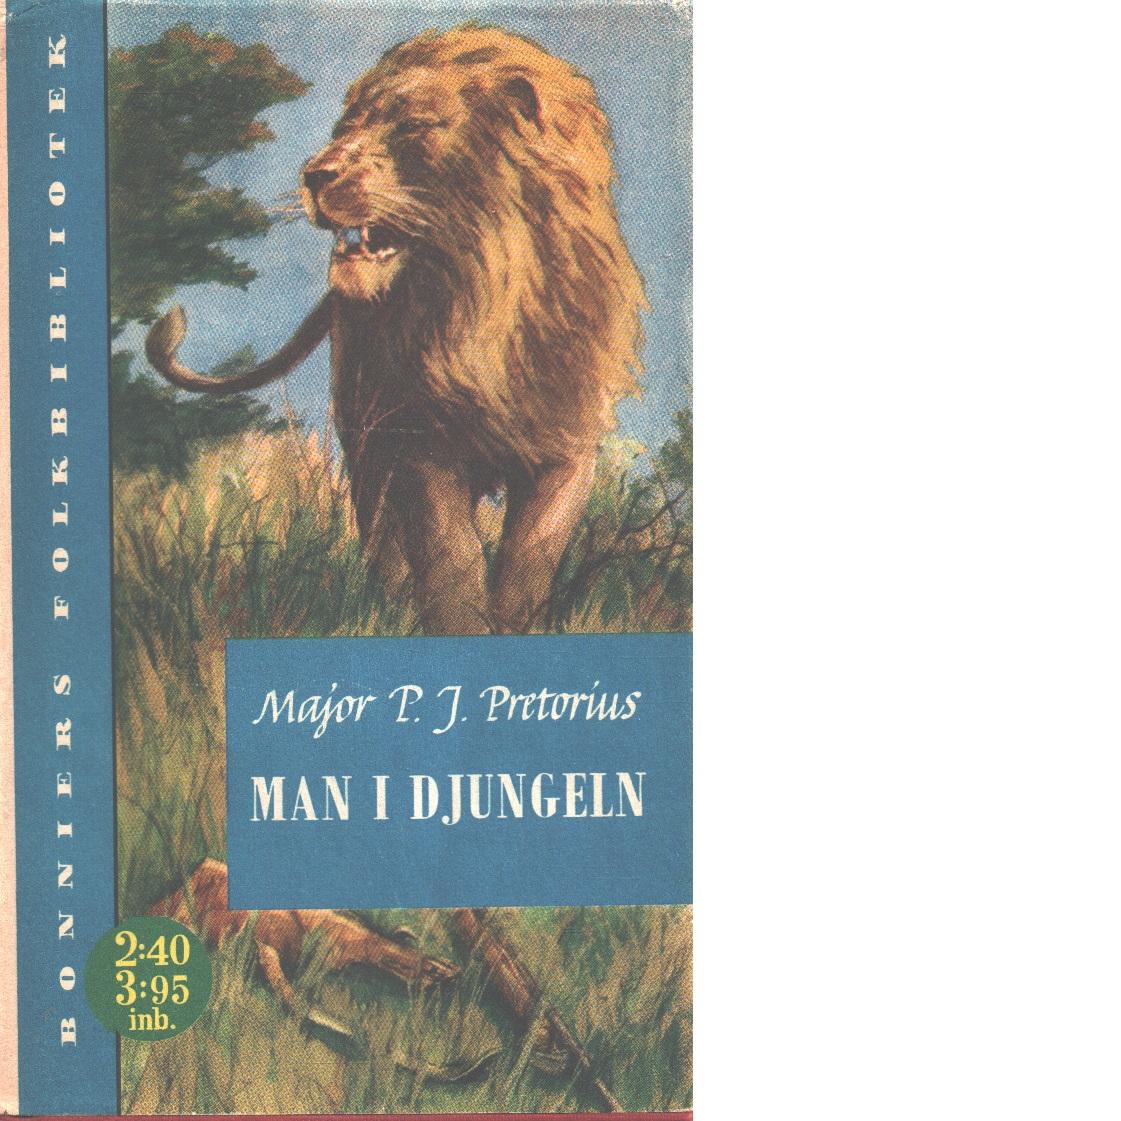 Man i djungeln - Pretorius, Philip Jacobus